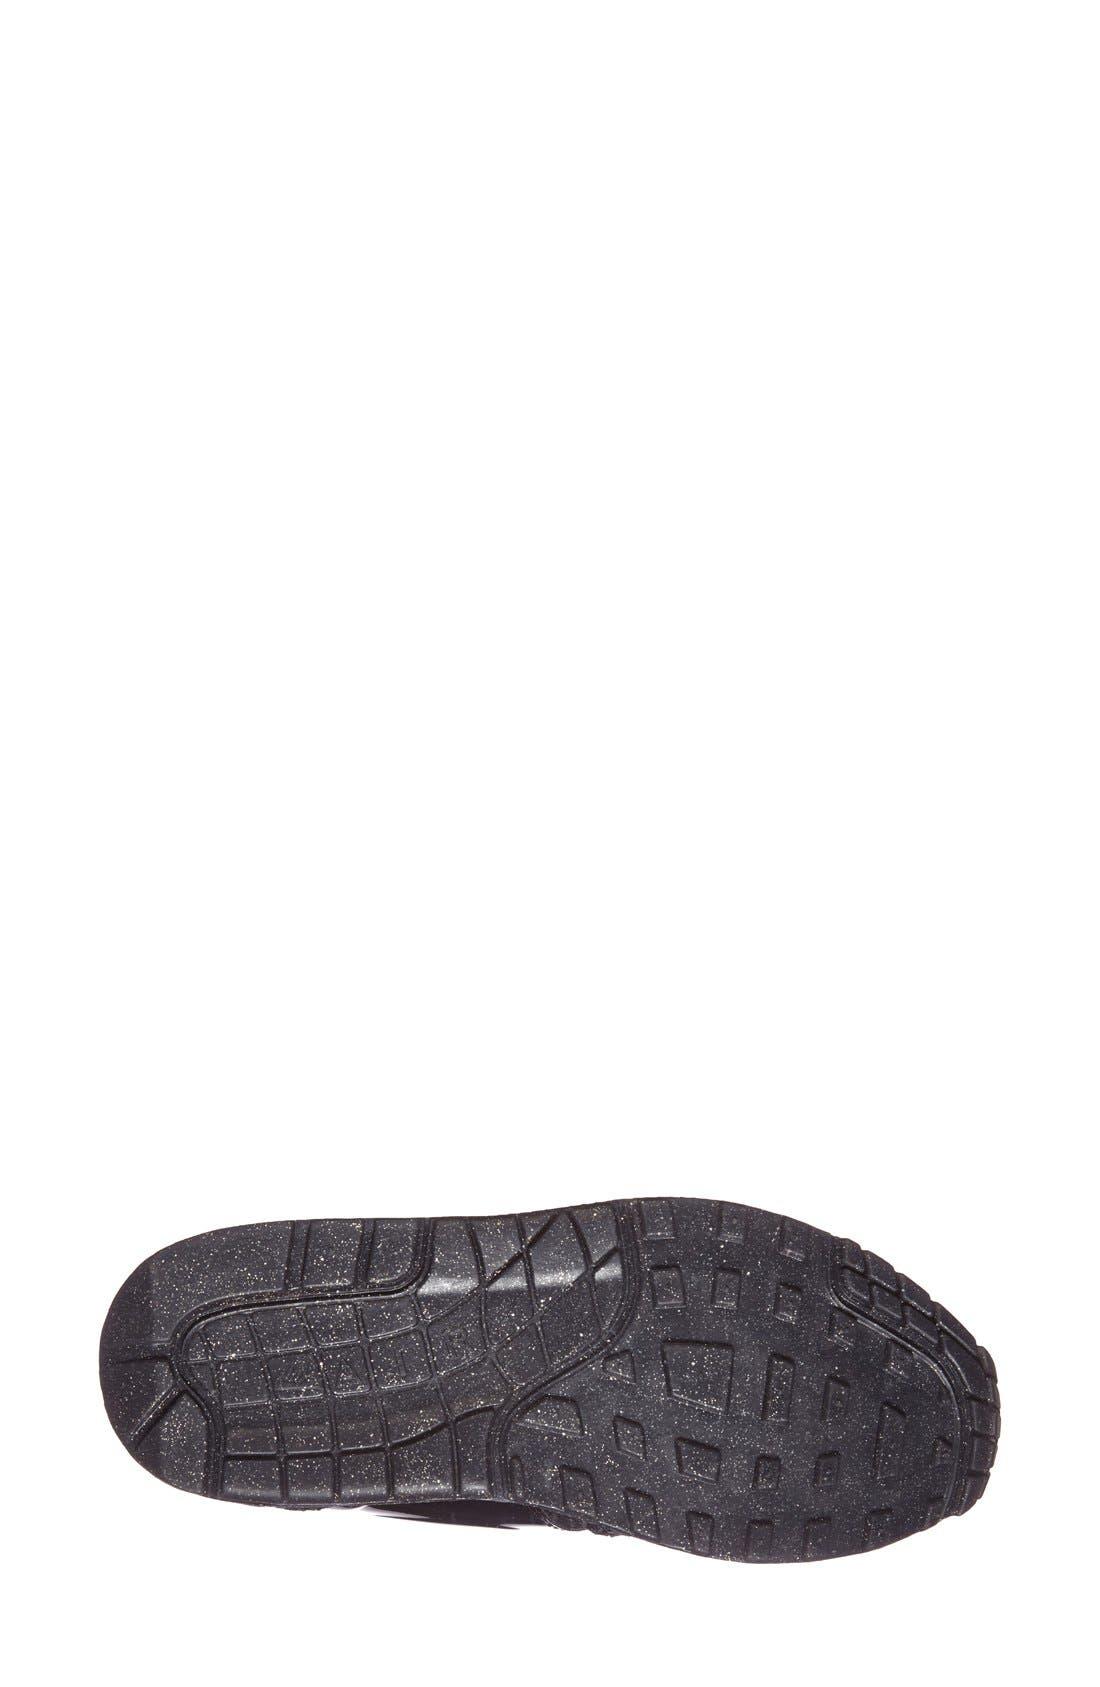 Alternate Image 4  - Nike 'Air Max 1 QS' Sneaker (Women)